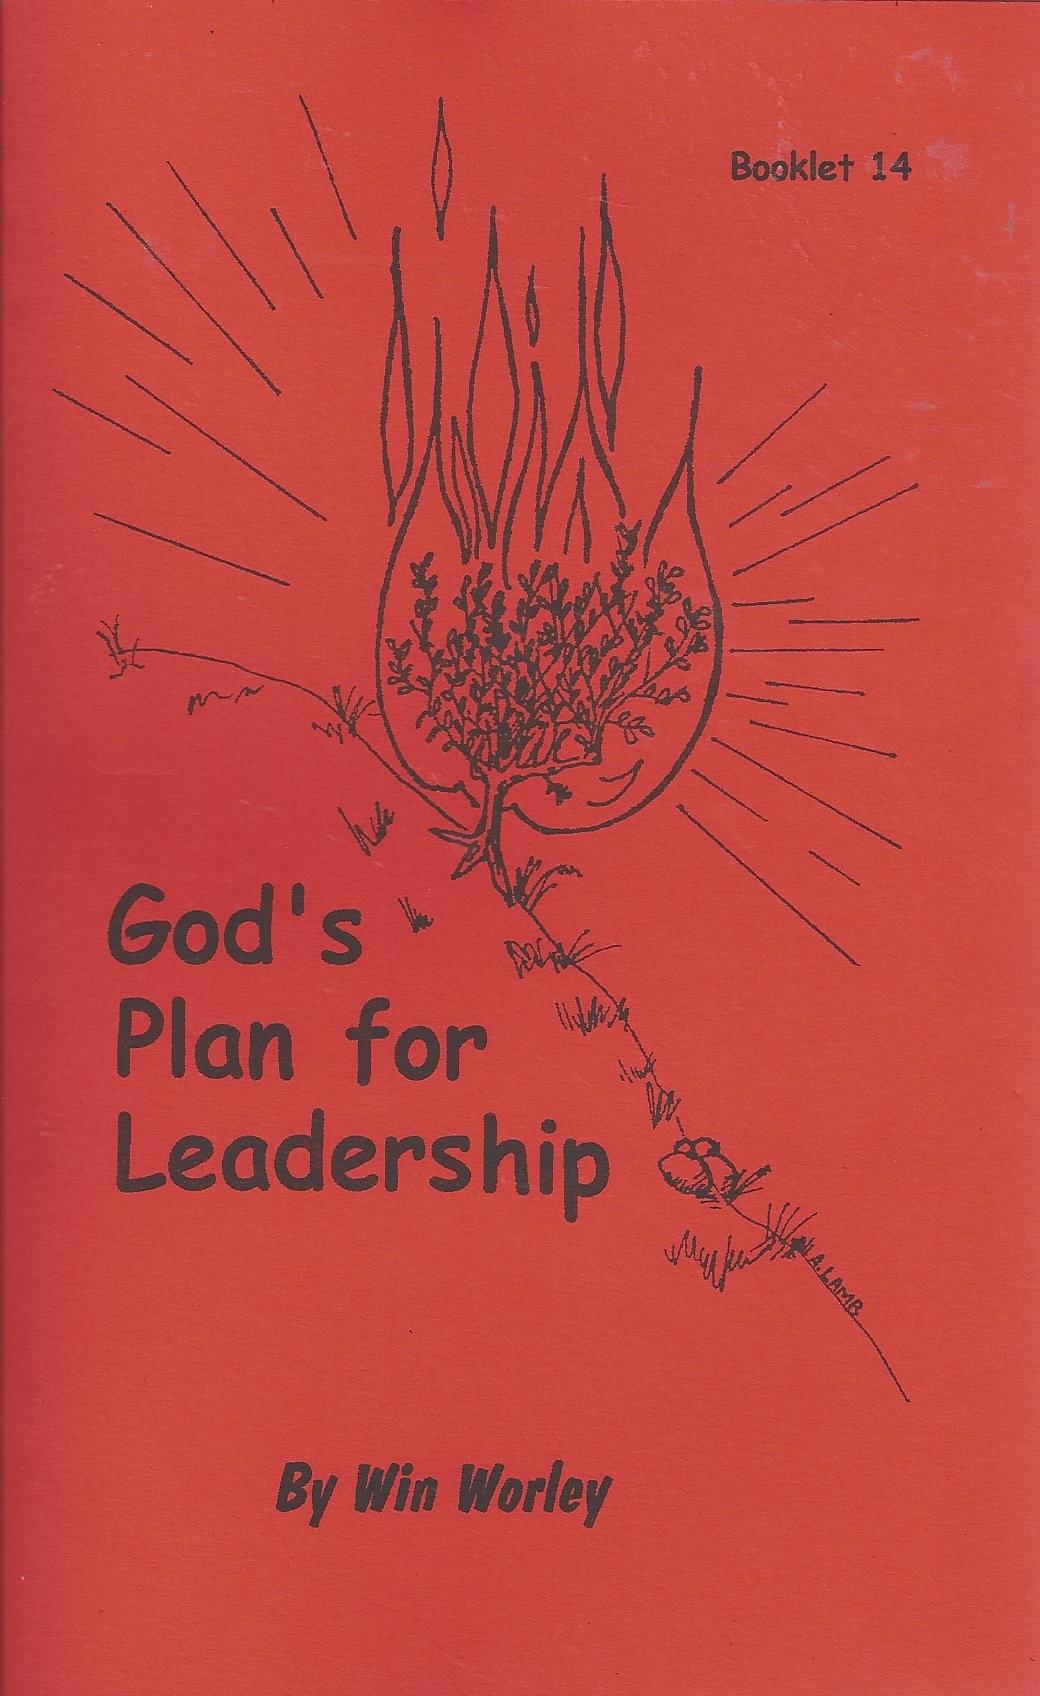 14 - God's Plan for Leadership (1983) - Agape Bible Bookroom